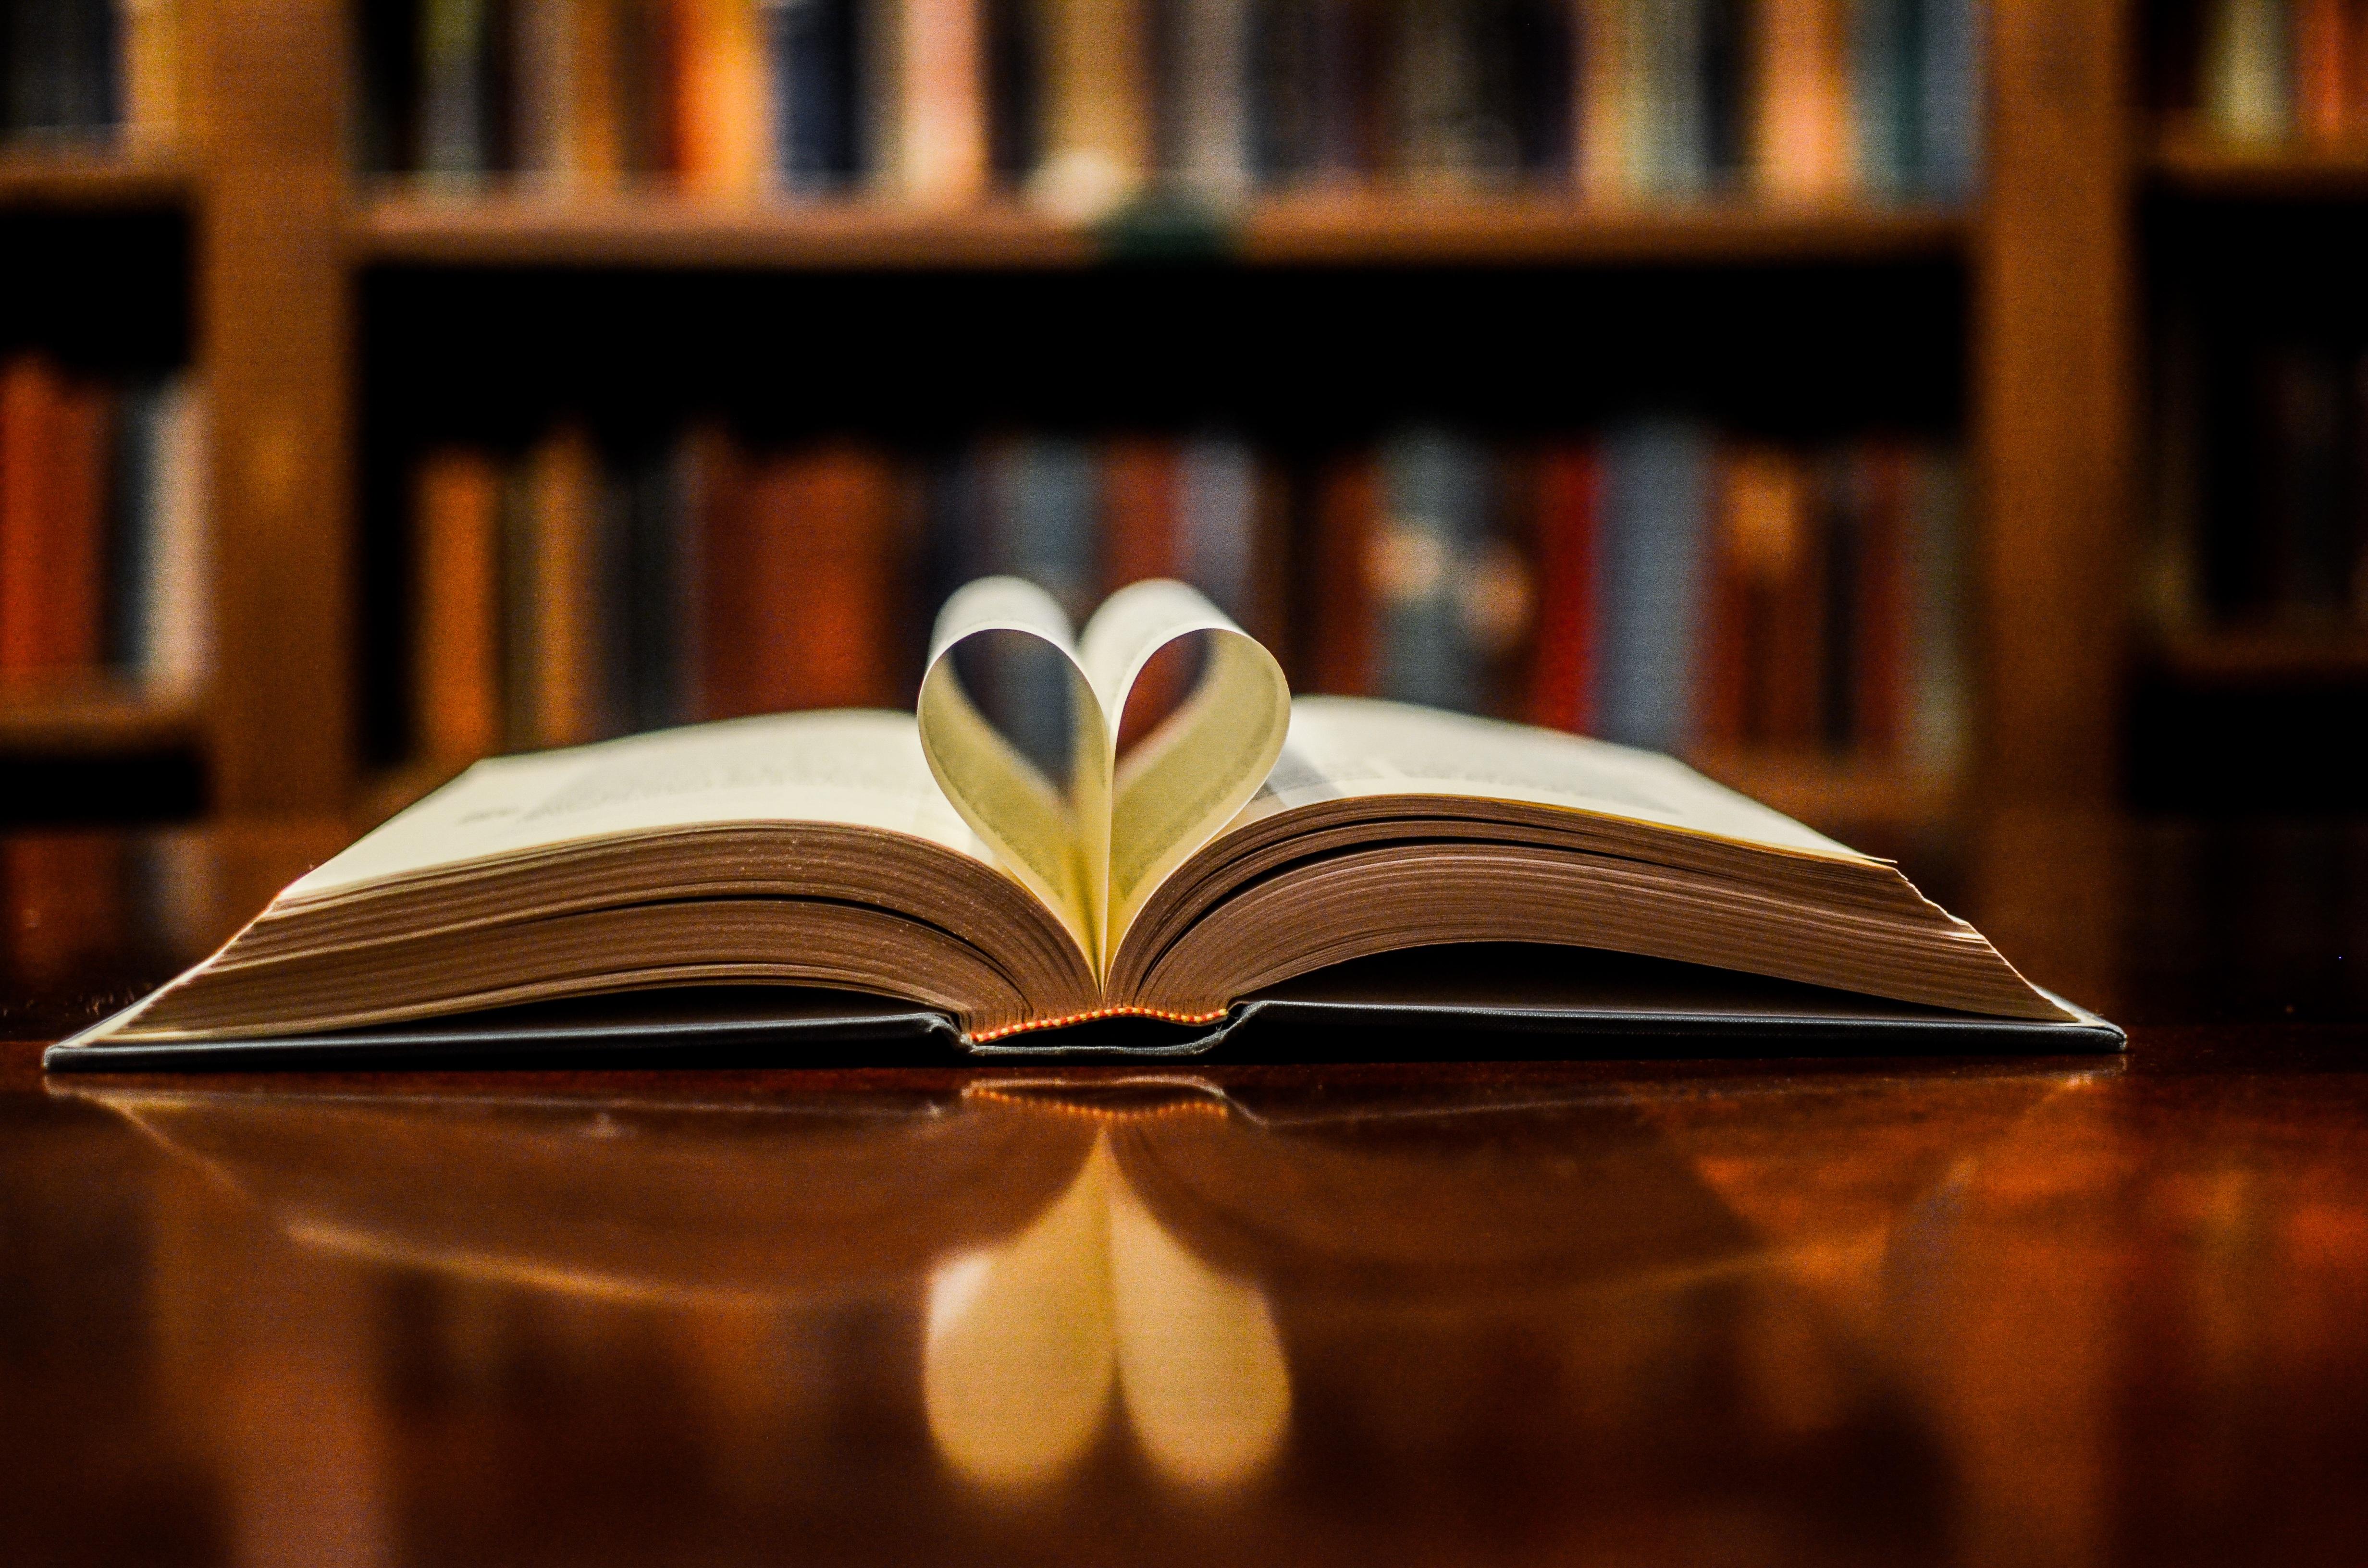 Mt. Waddington Literacy News: October 8, 2021